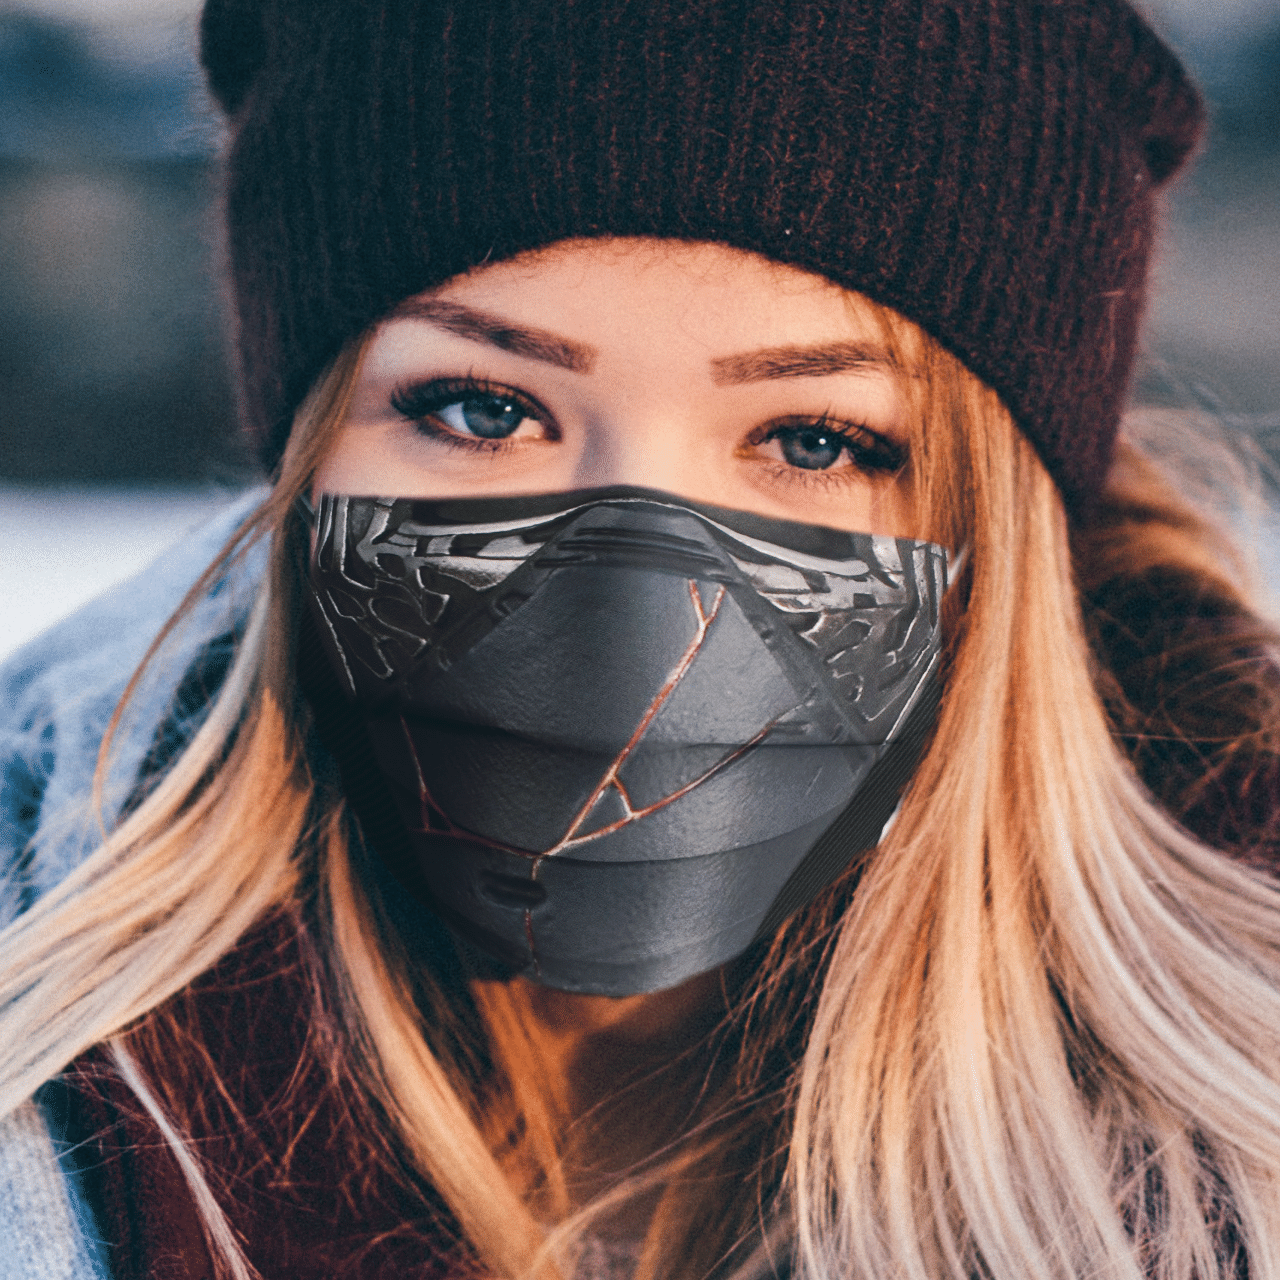 Star Wars Kylo Ren 3D AOP face mask